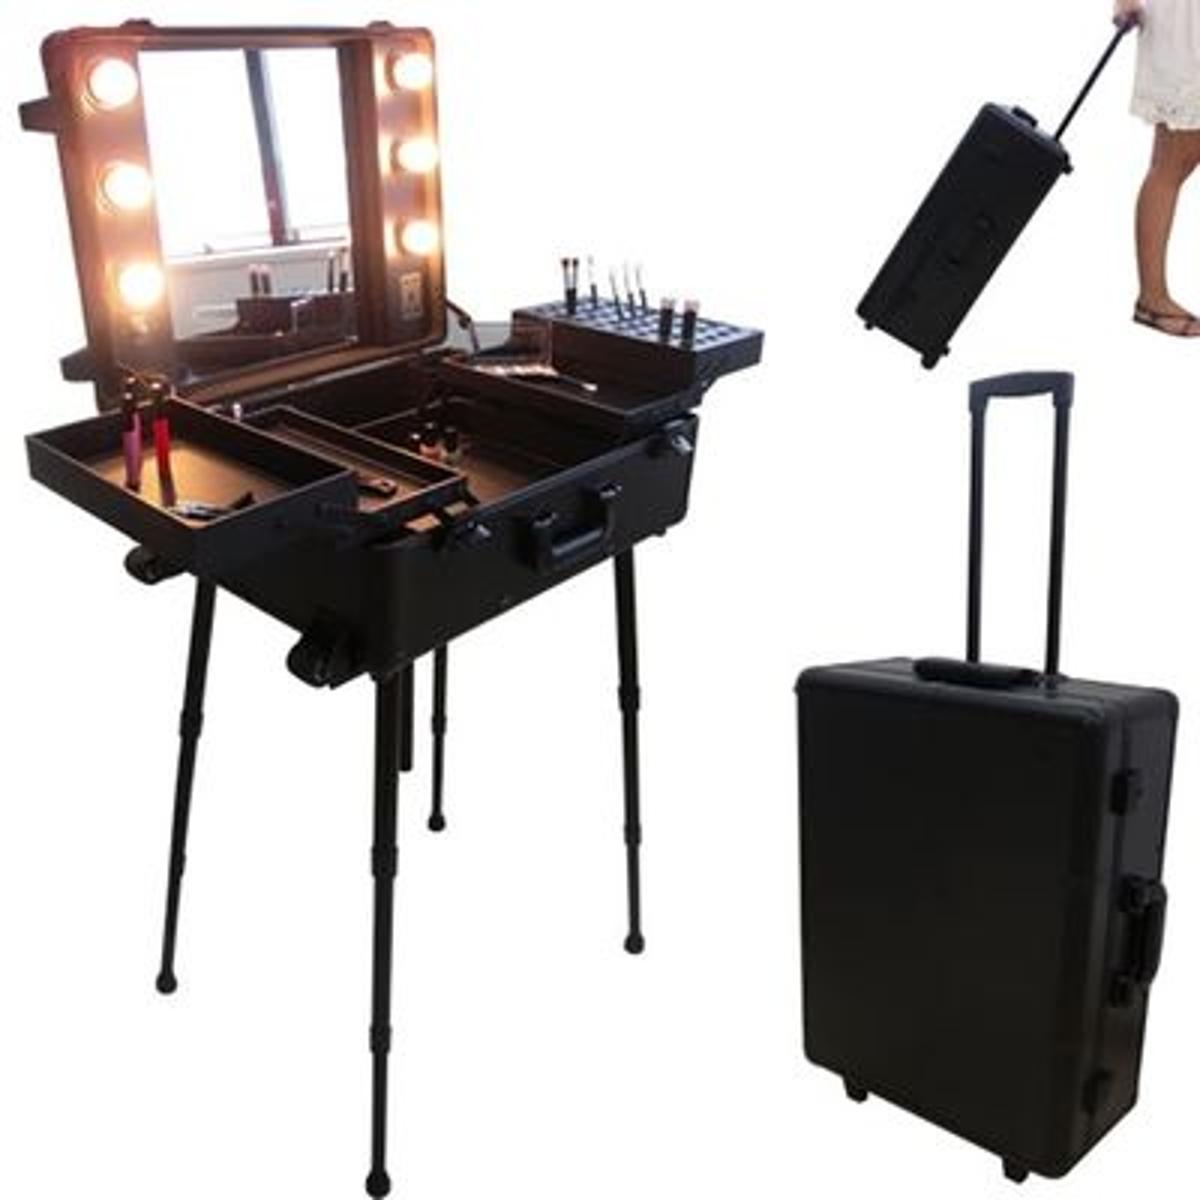 Valise studio make up trolley, Table de maquillage Ampoules, Noire